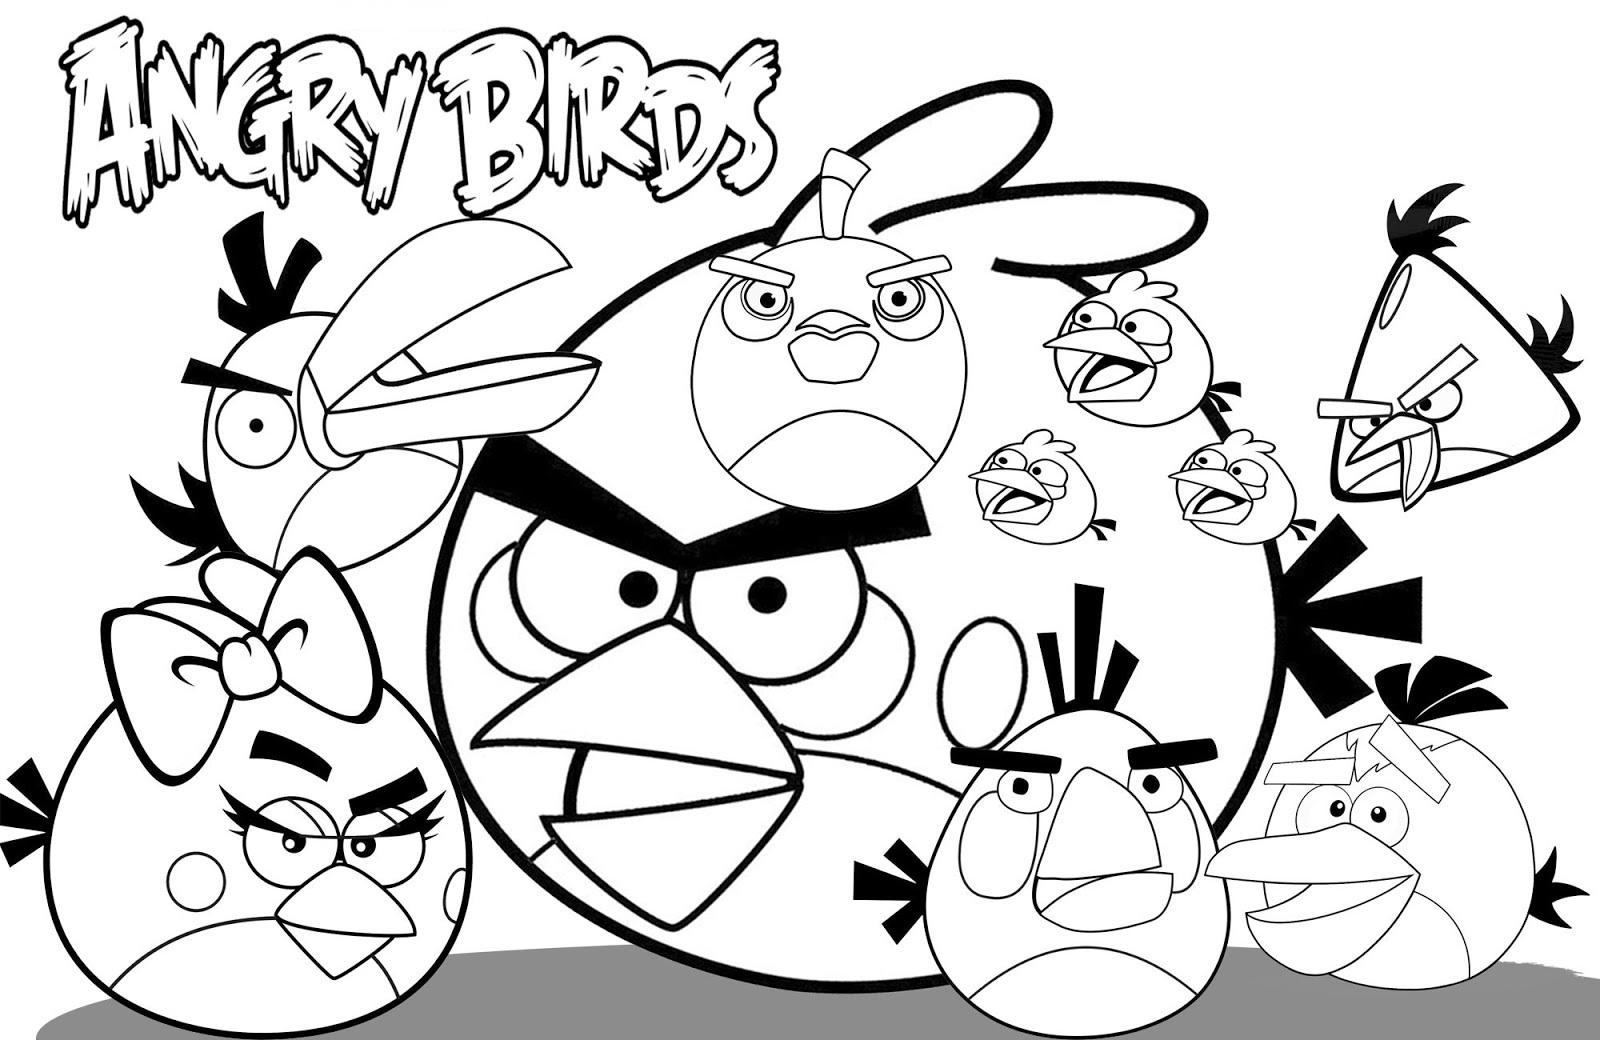 13 Mewarnai Gambar Angry Bird Masjid Mobil Naruto Kity